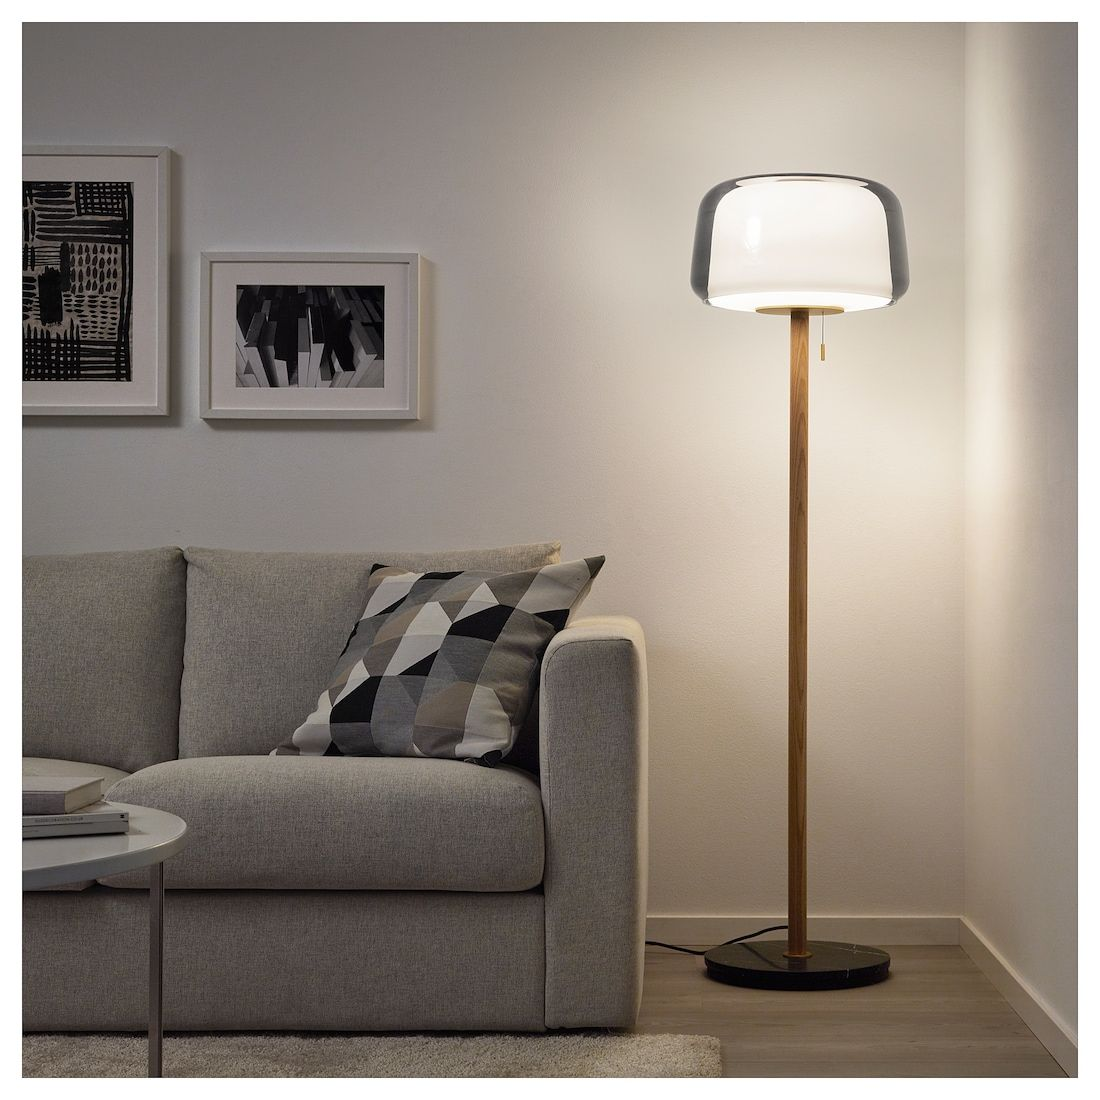 Full Size of Ikea Regolit Bogenlampe Hack Kaufen Steh Stehlampe Anleitung Evedal Standleuchte Grau Marmor Miniküche Modulküche Küche Kosten Betten 160x200 Bei Esstisch Wohnzimmer Ikea Bogenlampe